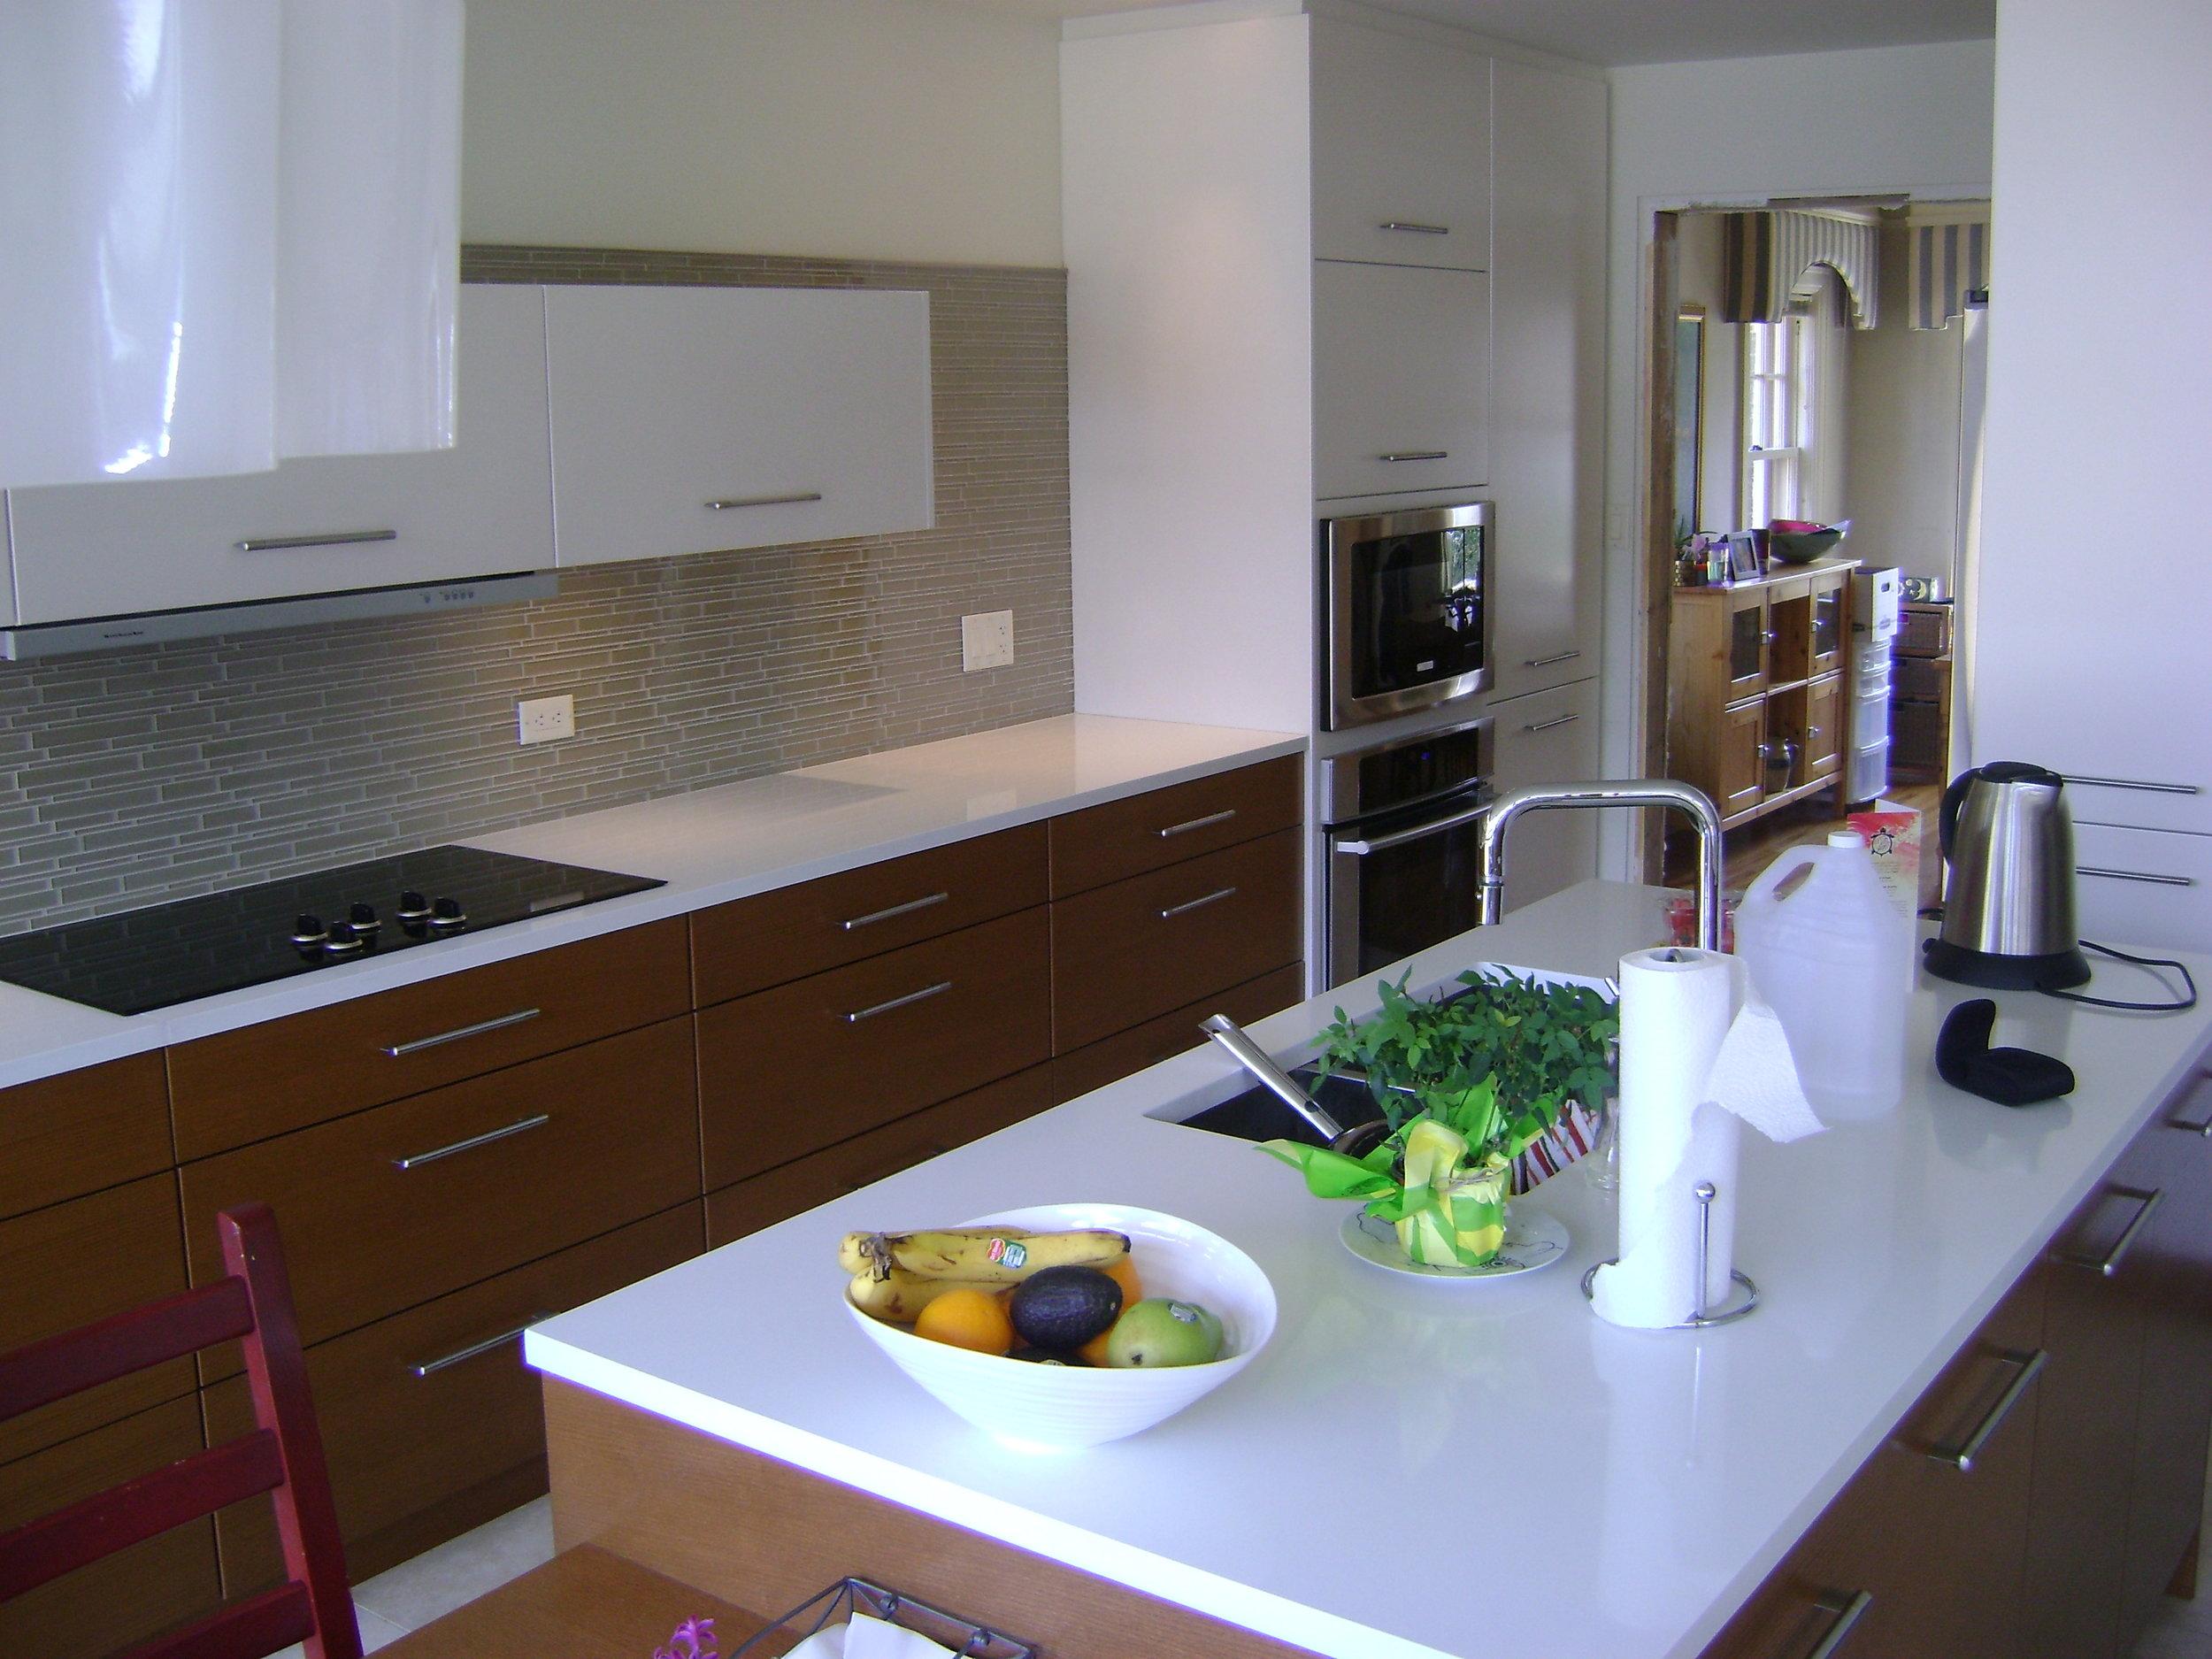 Kitchen modern quartz countertop glass backsplash.jpg